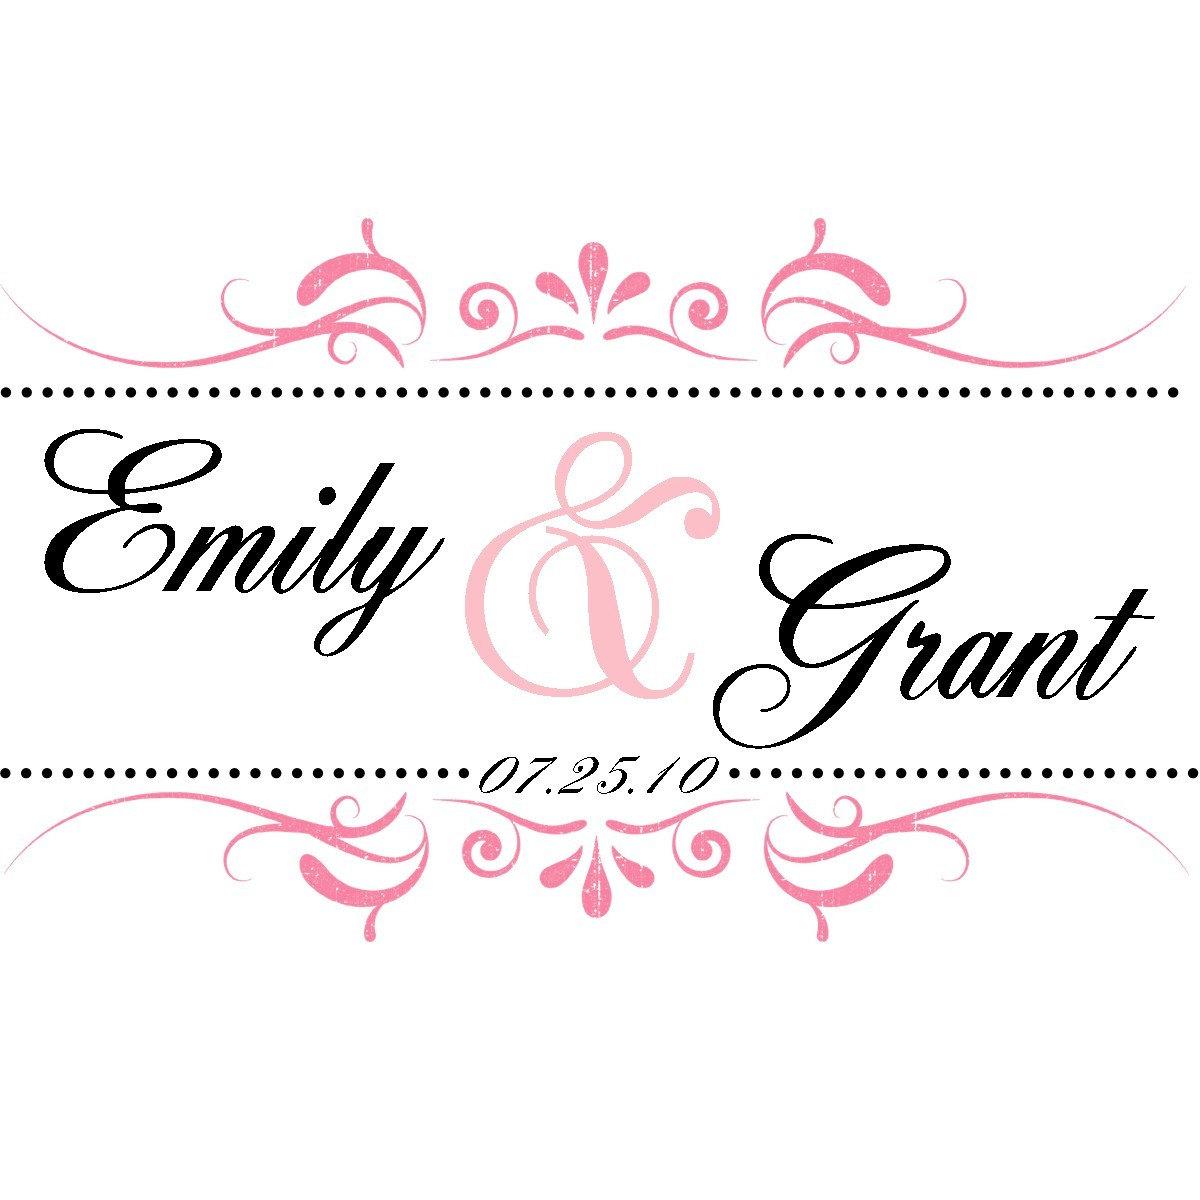 Custom Wedding Logo Design By Invitationsbyemily On Etsy